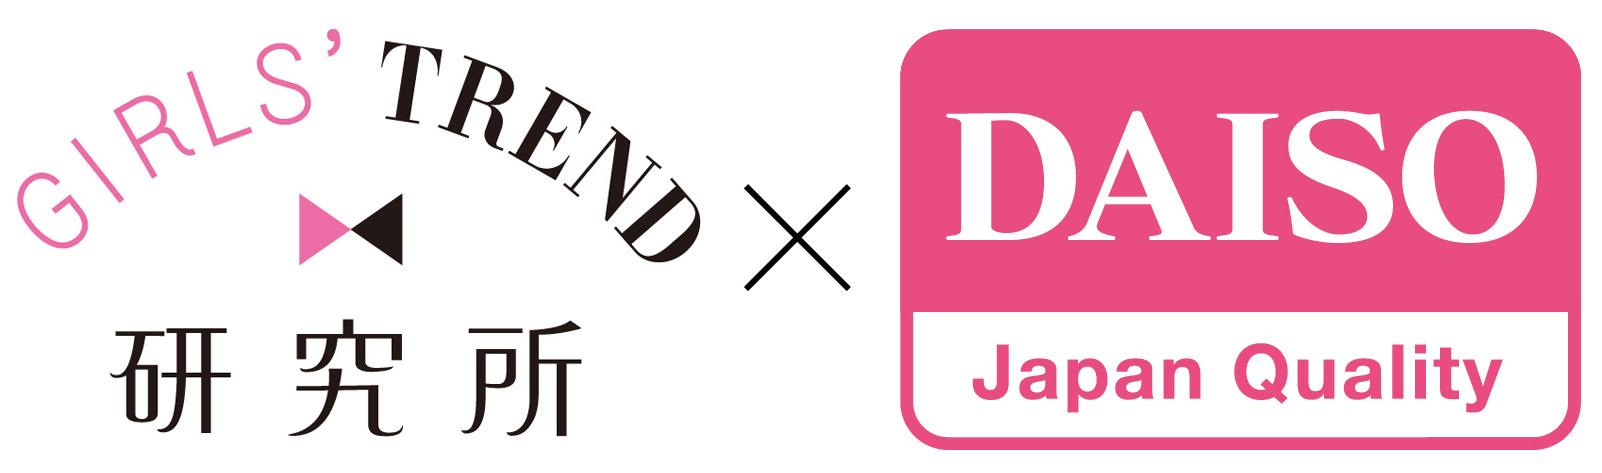 ダイソー×フリュー『GIRLS'TREND 研究所』ロゴ